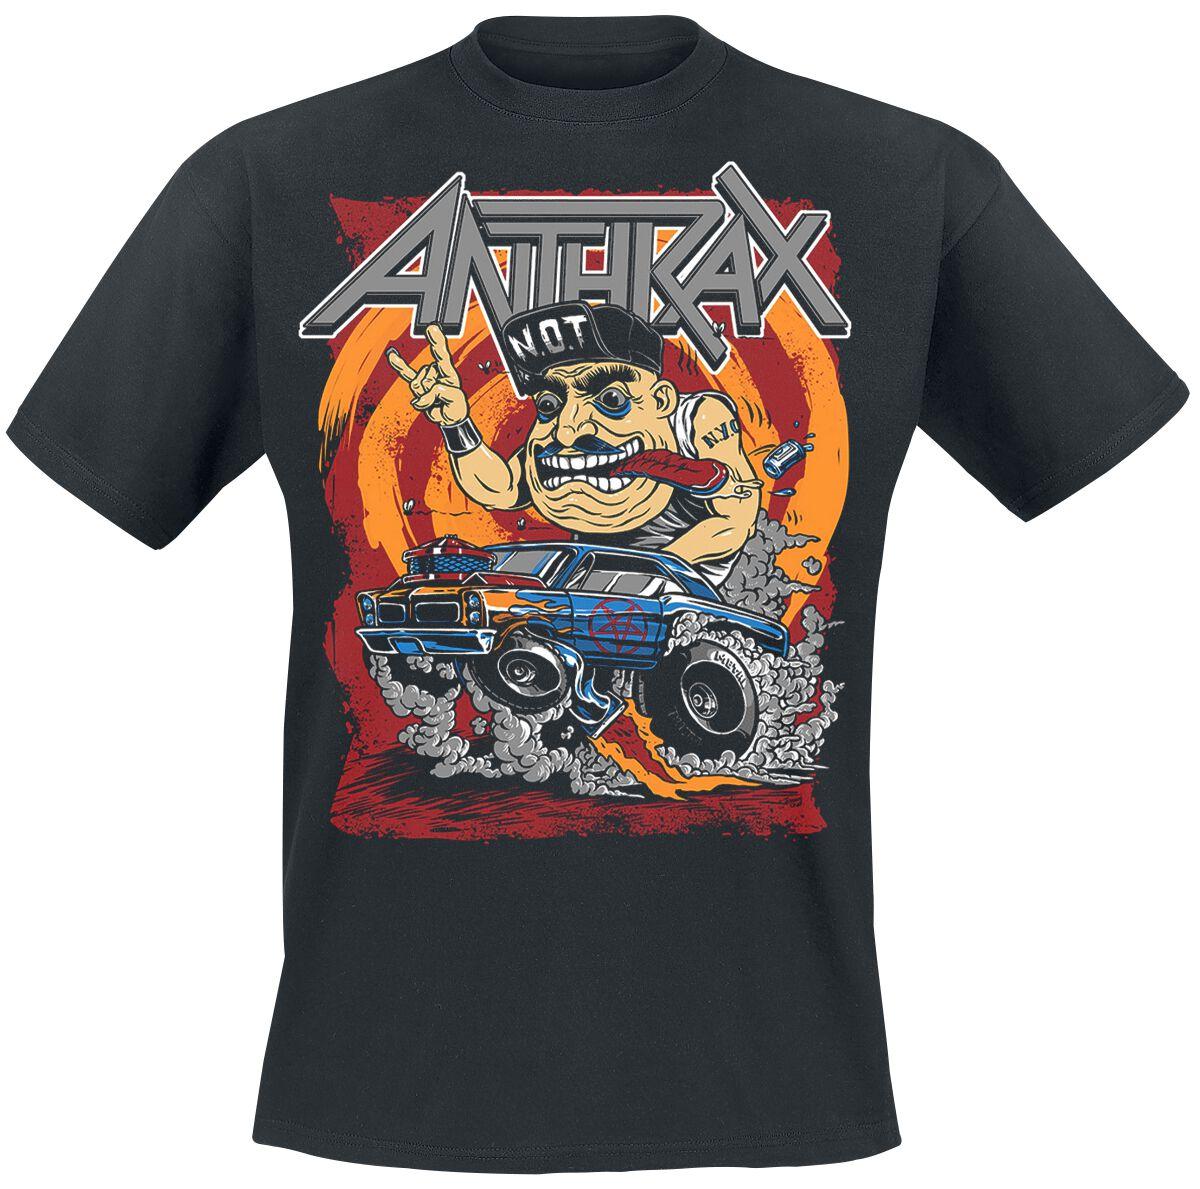 Zespoły - Koszulki - T-Shirt Anthrax Not Fink T-Shirt czarny - 366337